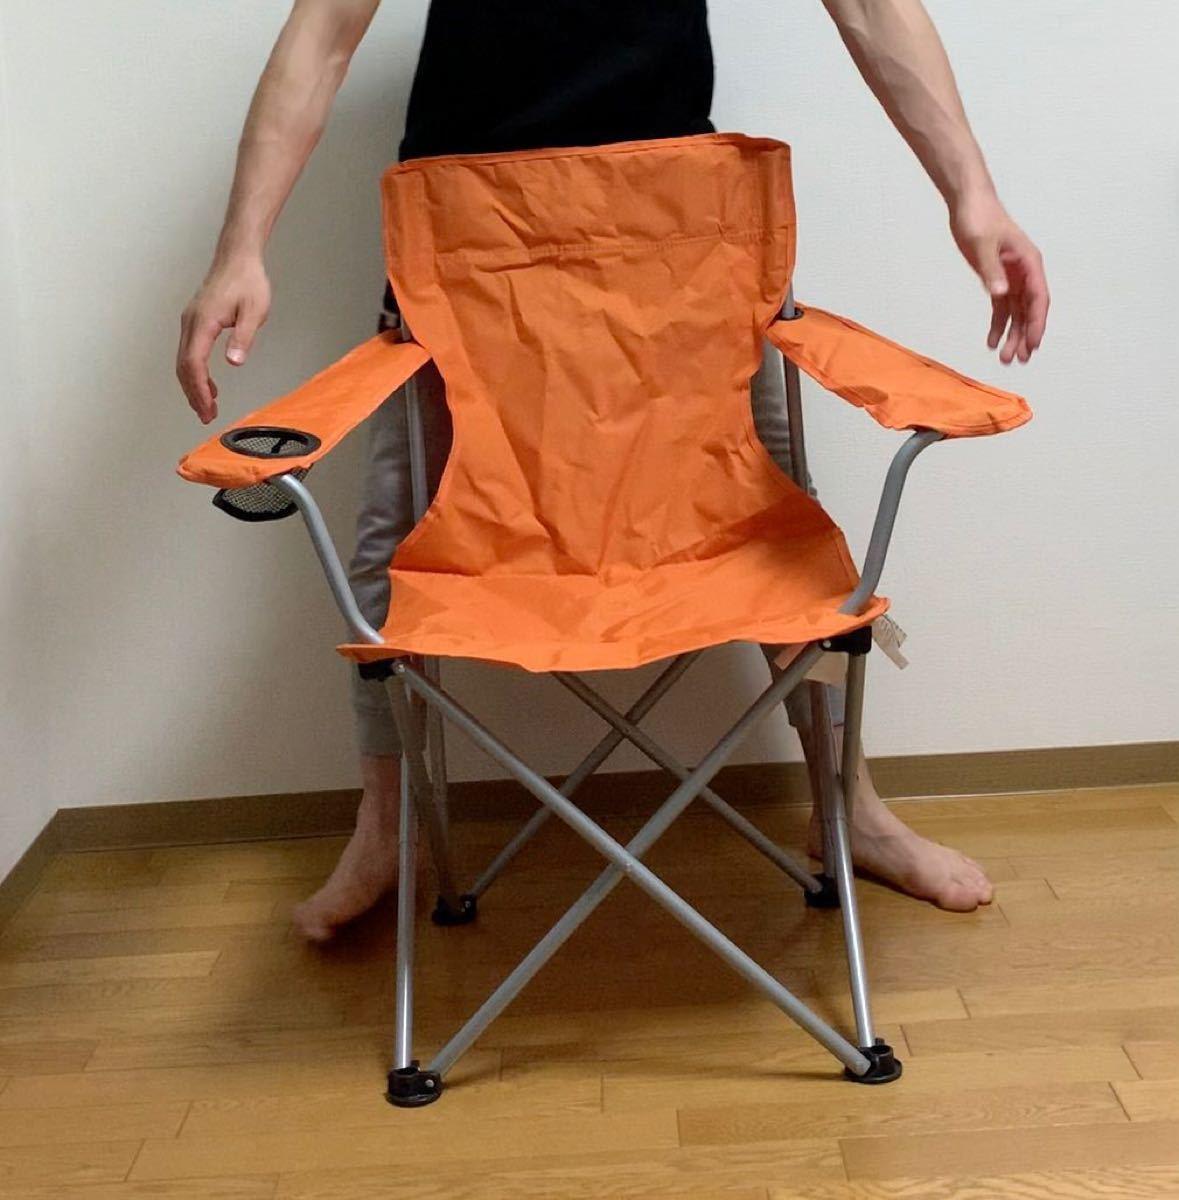 アウトドアチェア、折りたたみ椅子